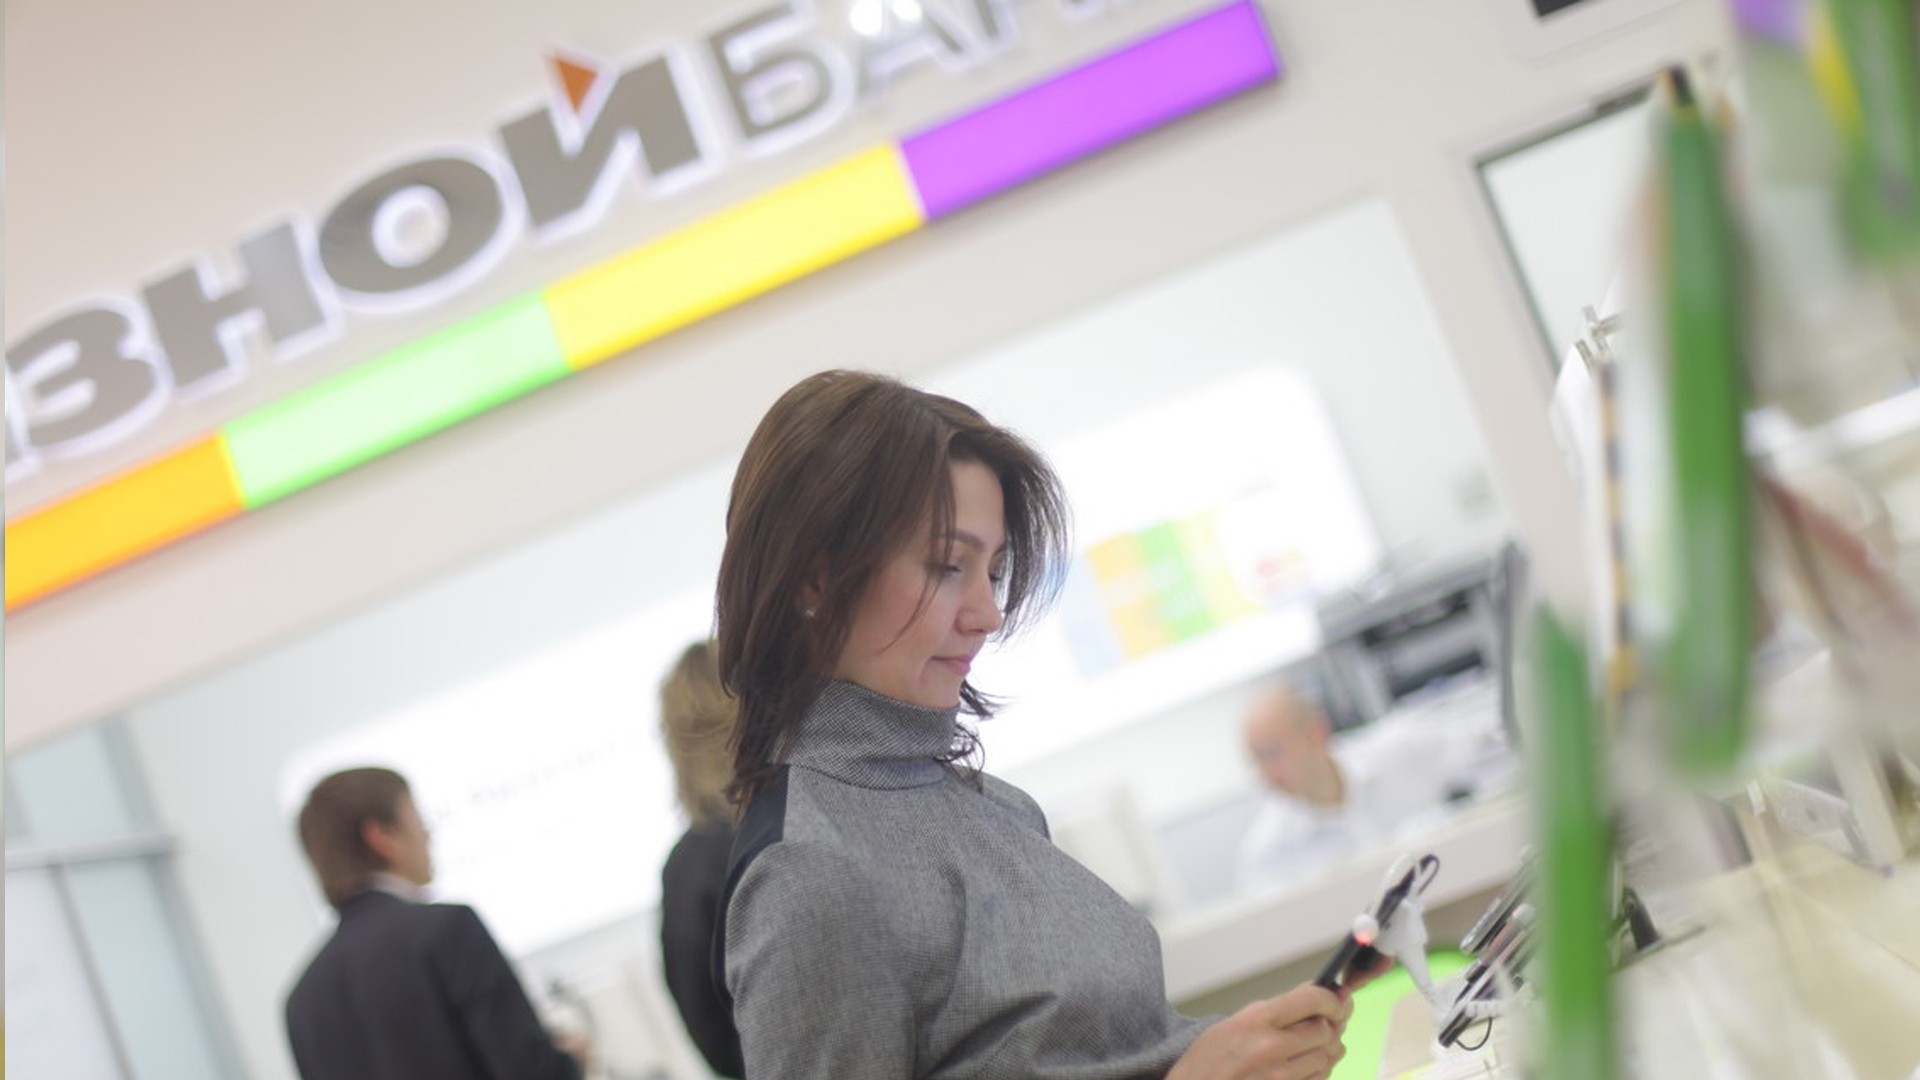 Кредитная карта «Связной»: вся правда о забытой кредитке